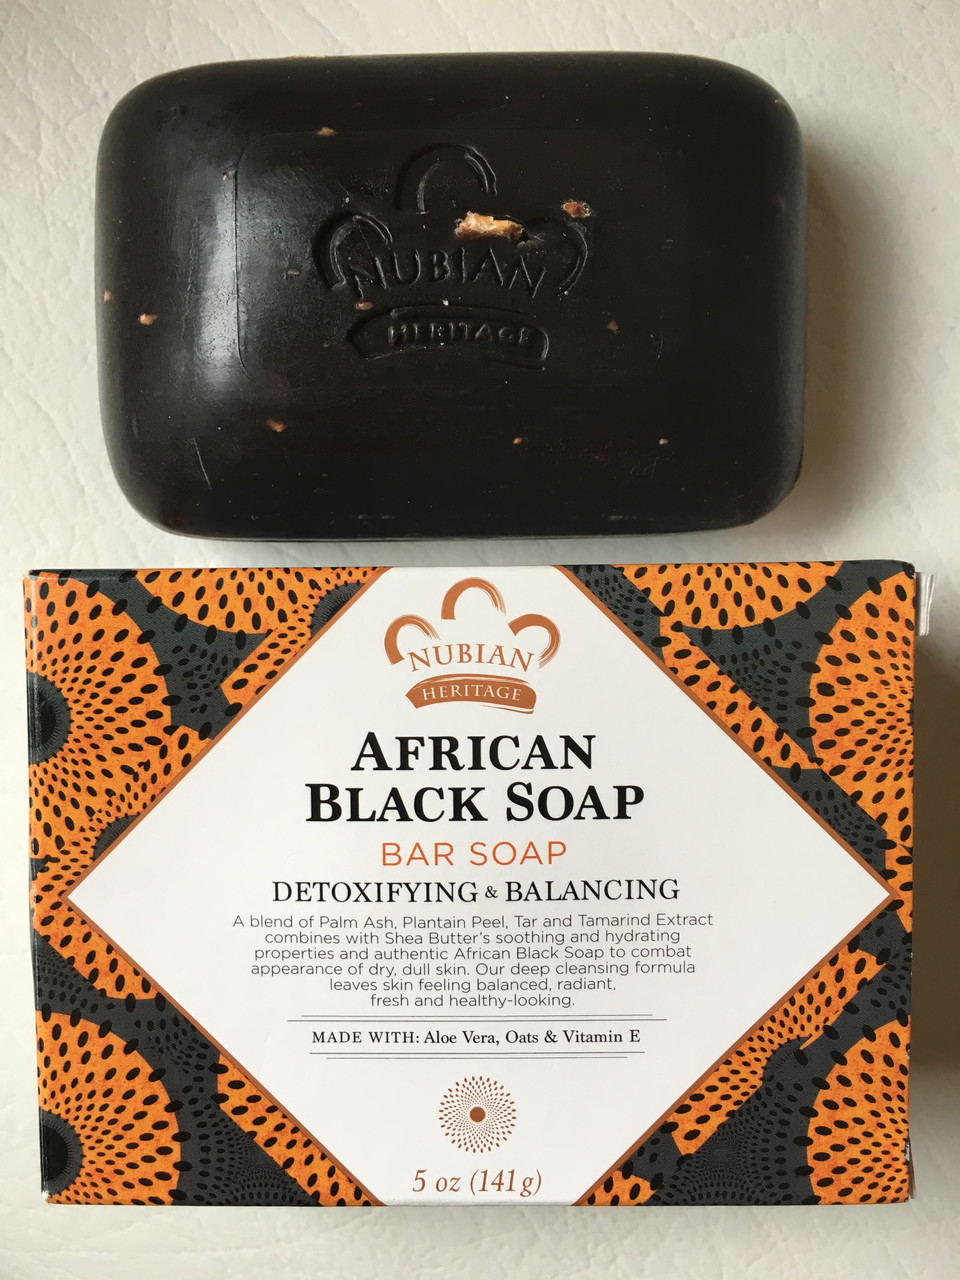 Африканское черное мыло NUBIAN HERITAGE African Black Soap